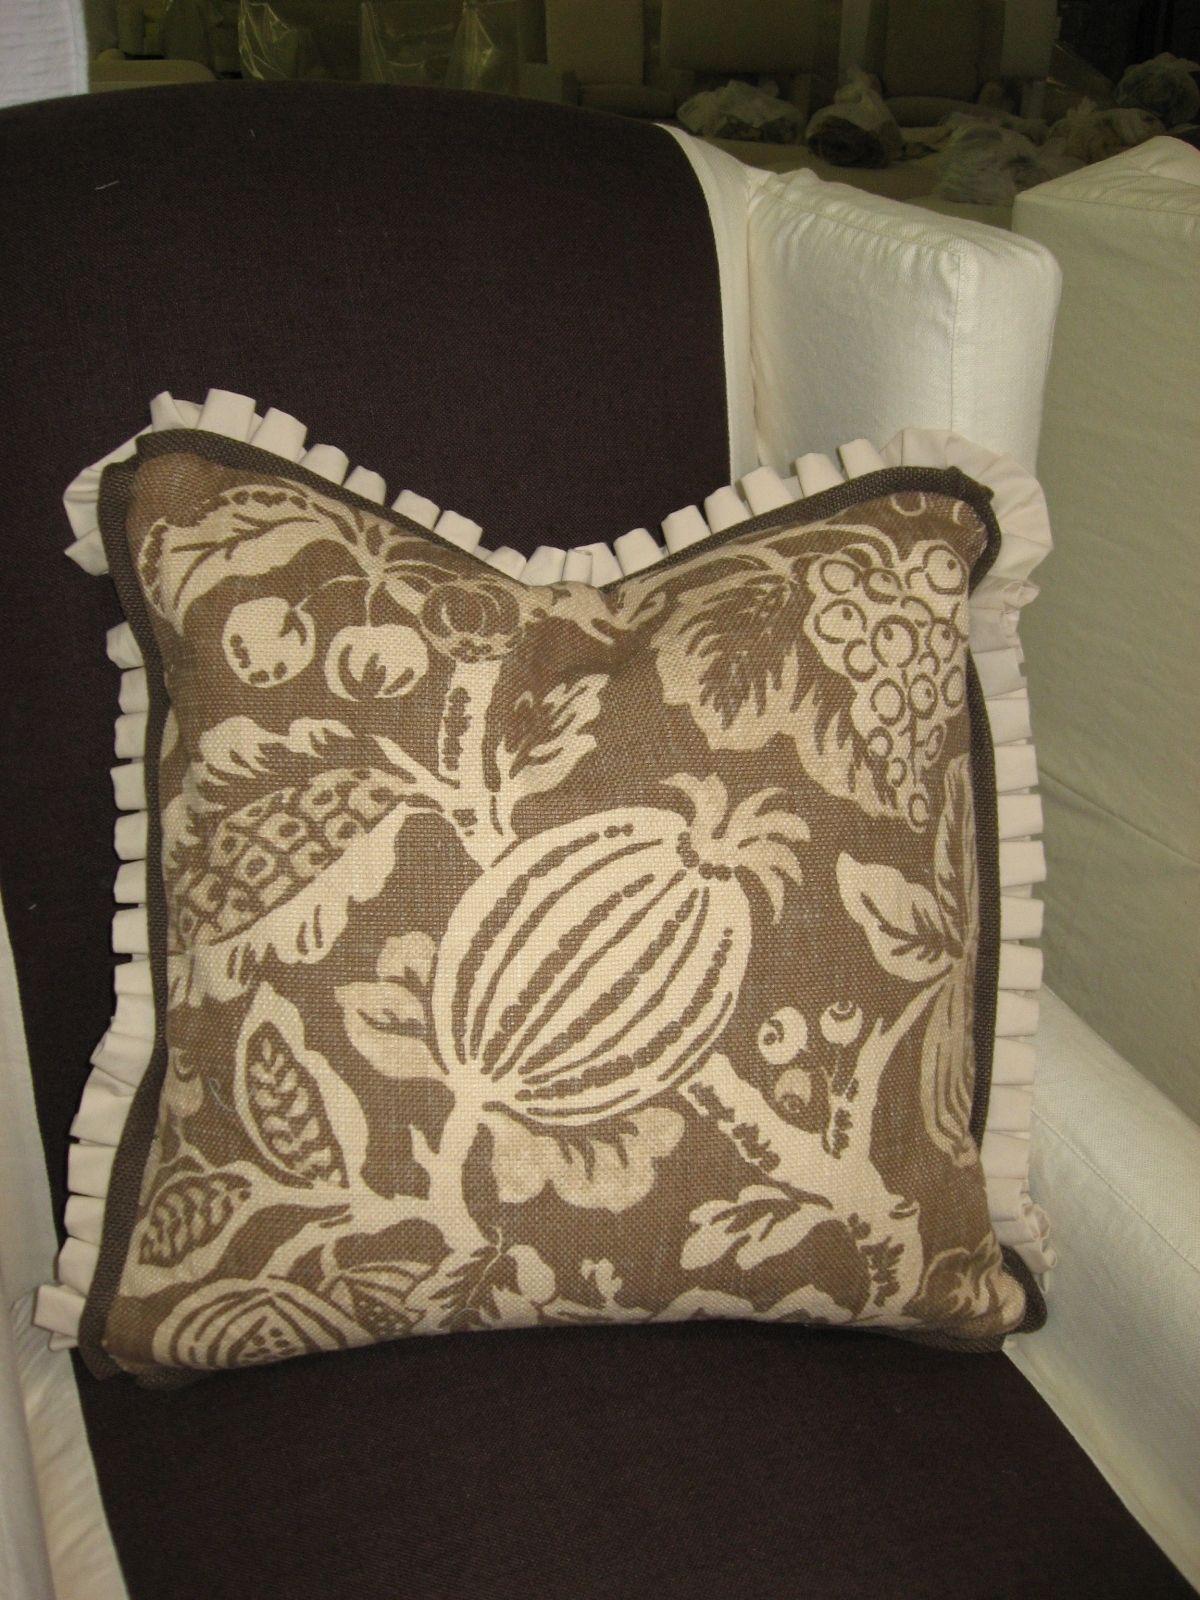 Quatrine Fabric Sewing Pillows Pillows Custom Pillows